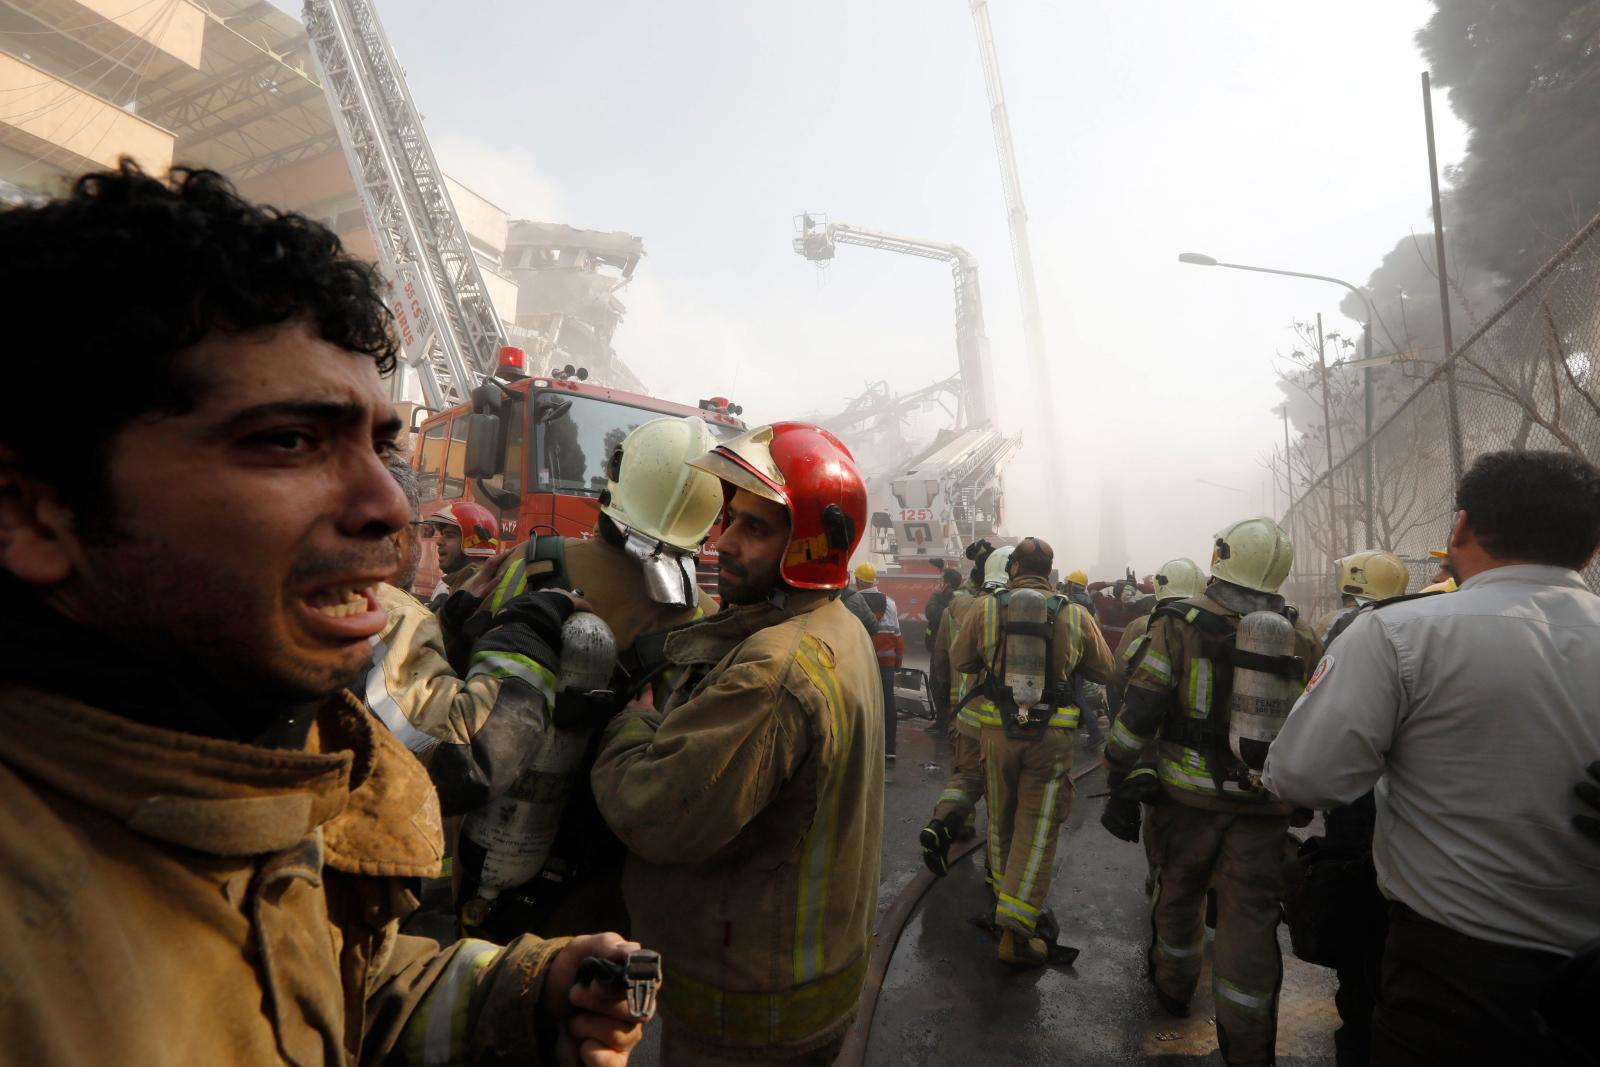 Pożar i zawalenie się budynku w Teheranie, Iran. Fot. PAP/EPA/ABEDIN TAHERKENAREH